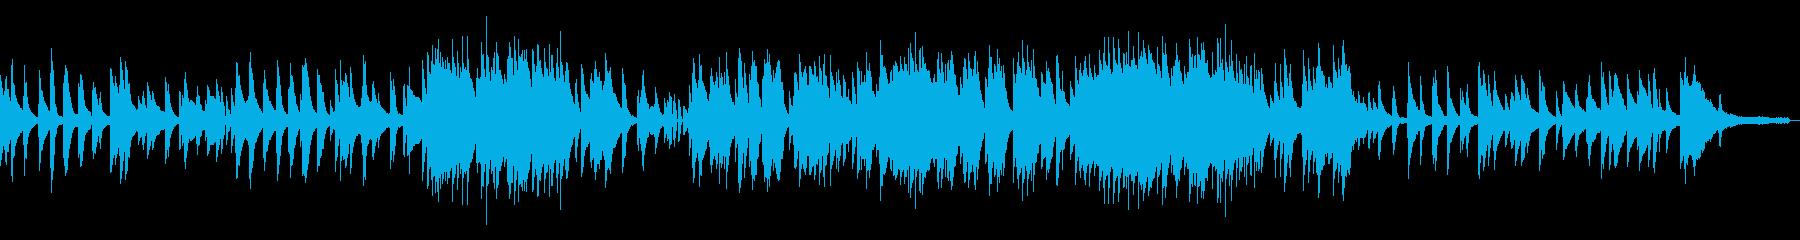 生演奏ピアノジャズバラードの再生済みの波形